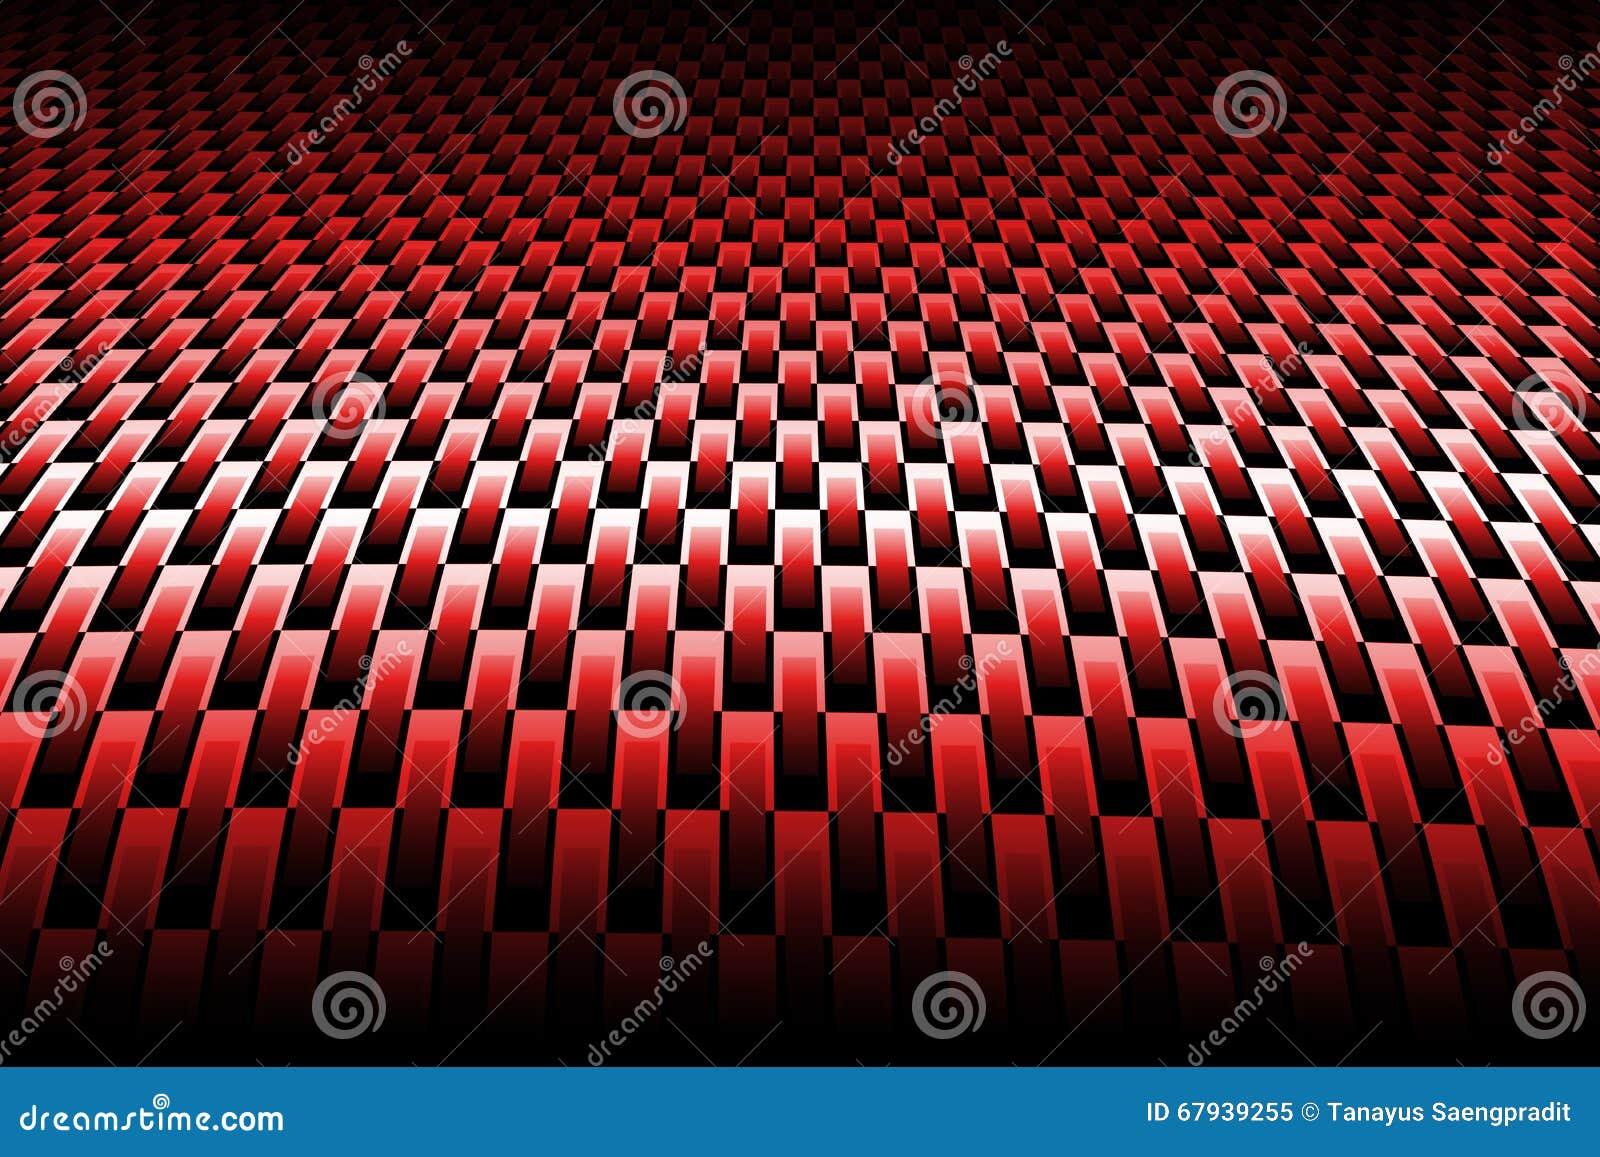 red curve carbon fiber stock illustration